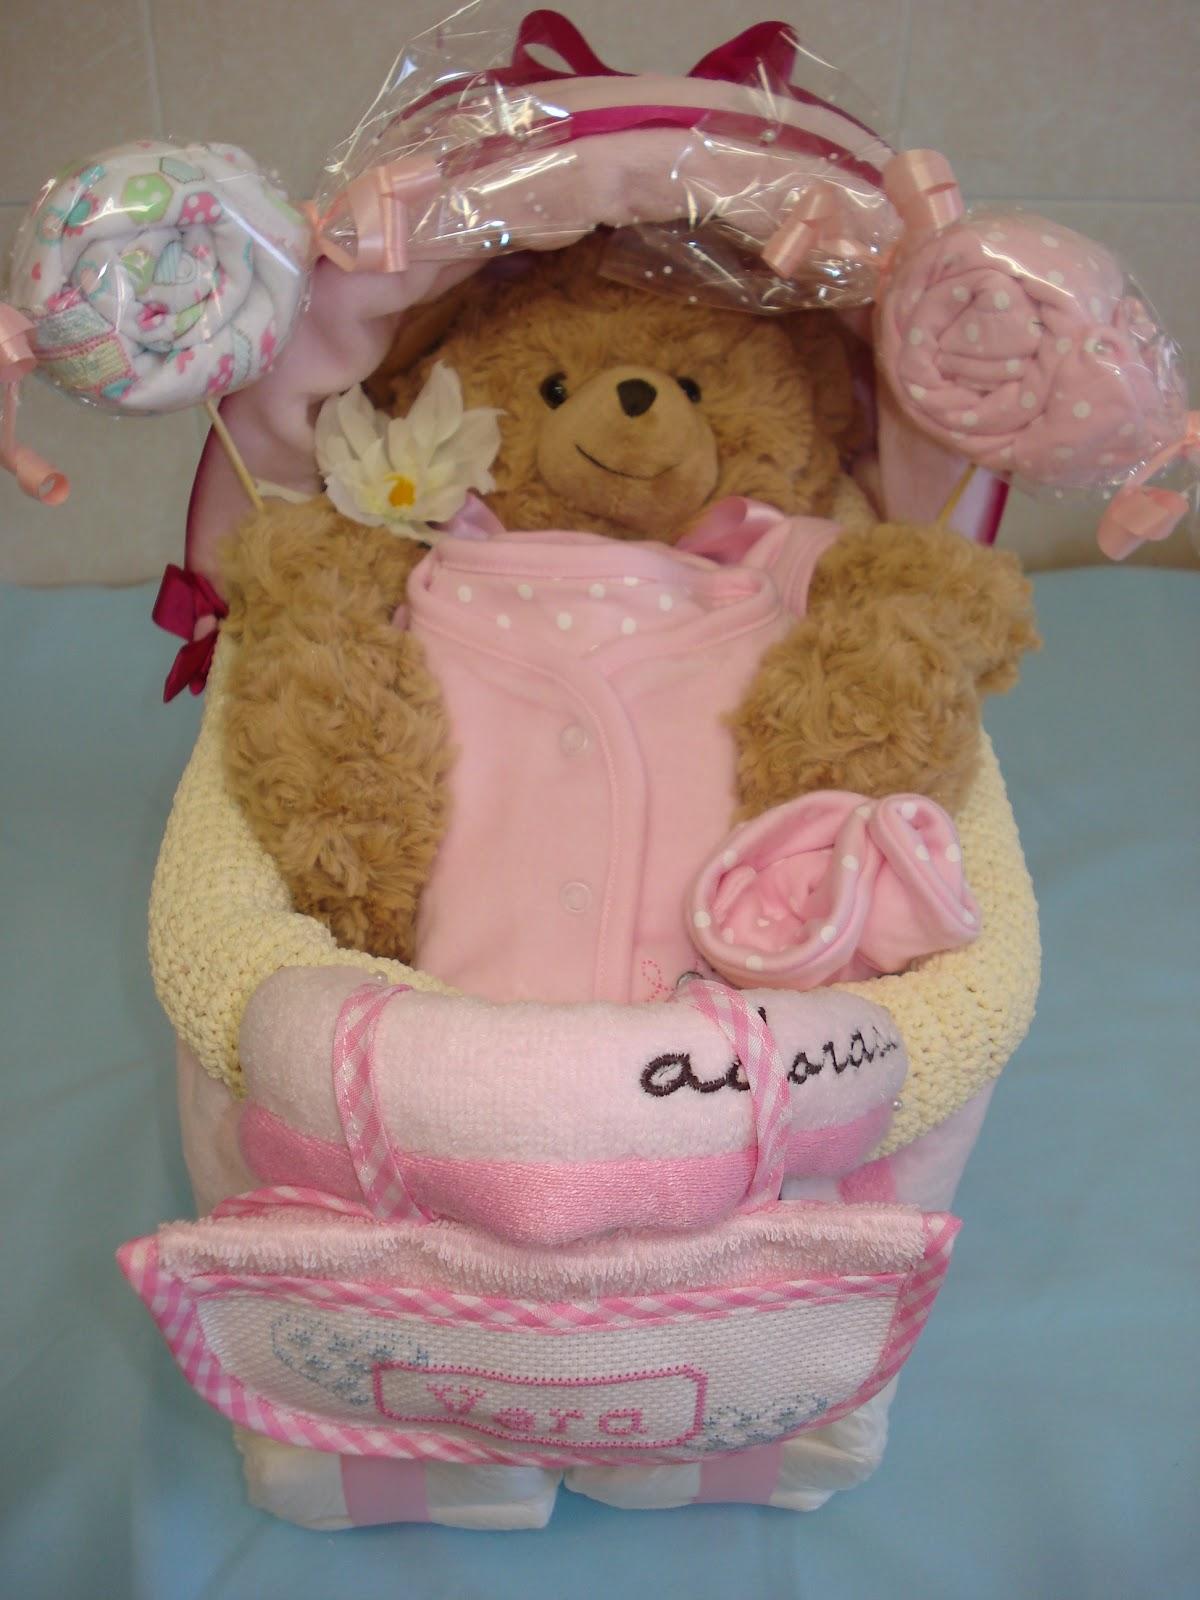 d454cf987e25 CosasdeMarina | Regalos con pañales, detalles para bebes